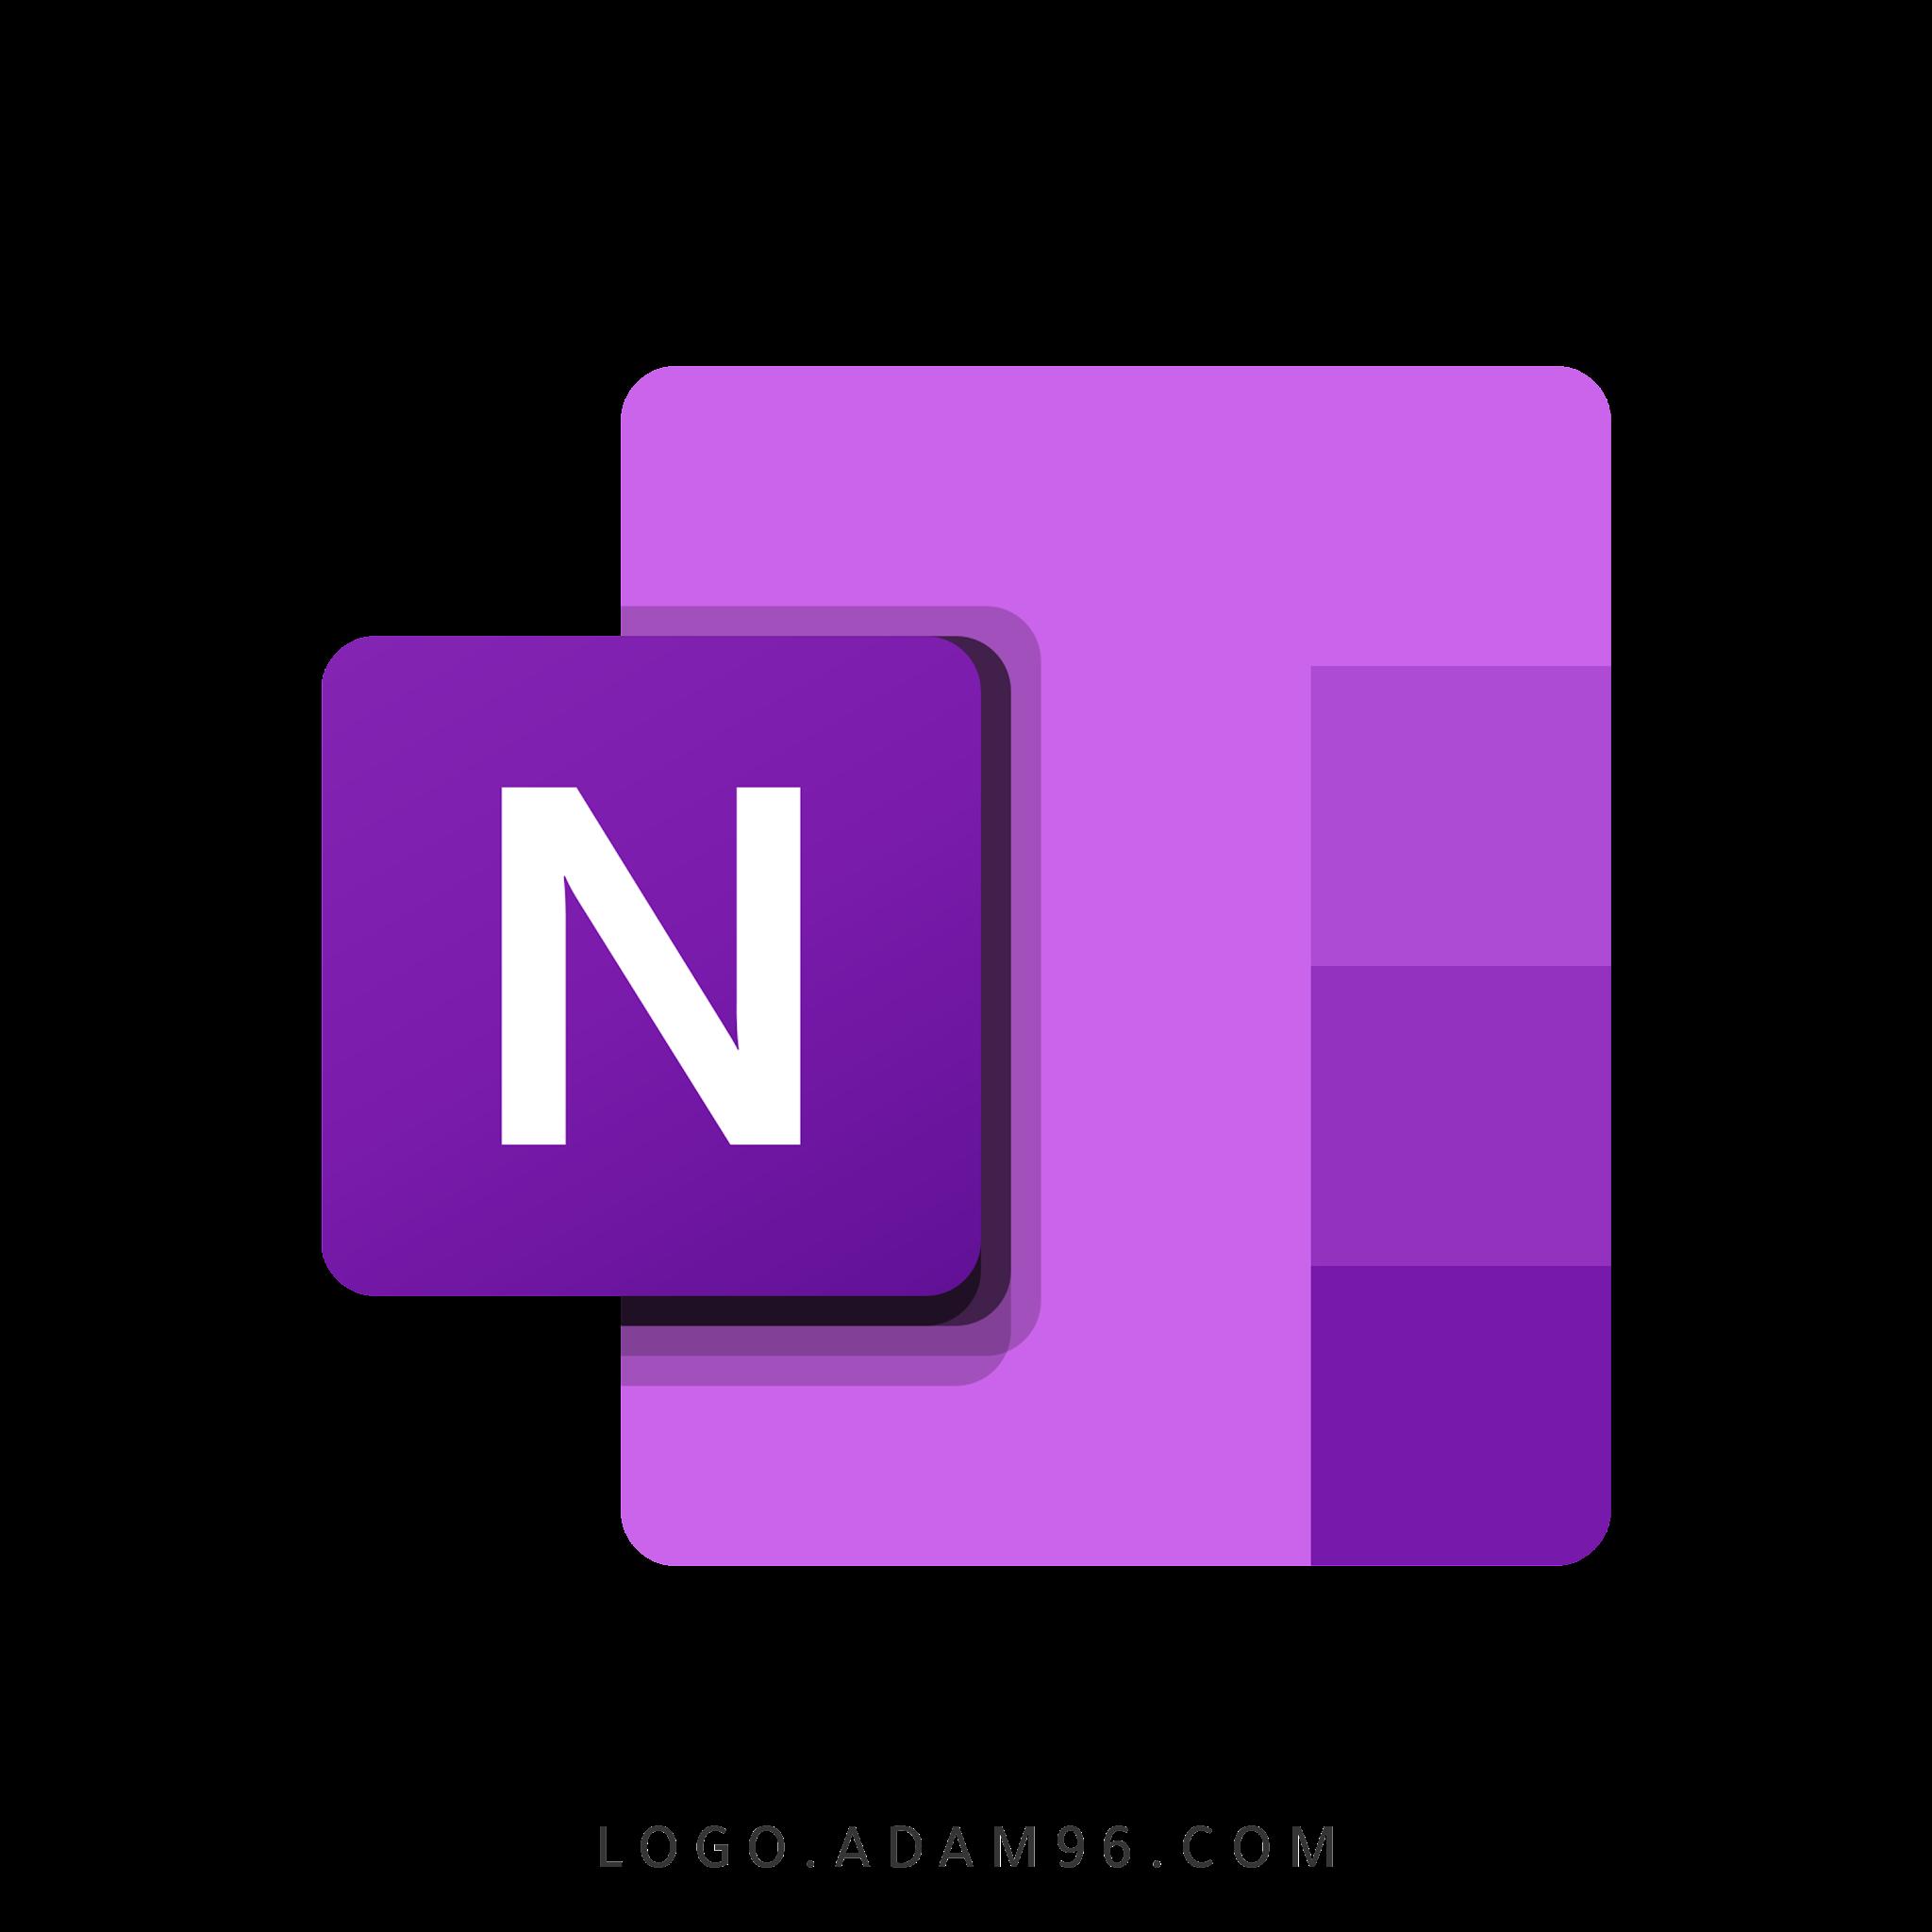 تحميل شعار مايكروسوفت ون نوت لوجو عالي الدقة بصيغة شفافة Logo Microsoft OneNote PNG